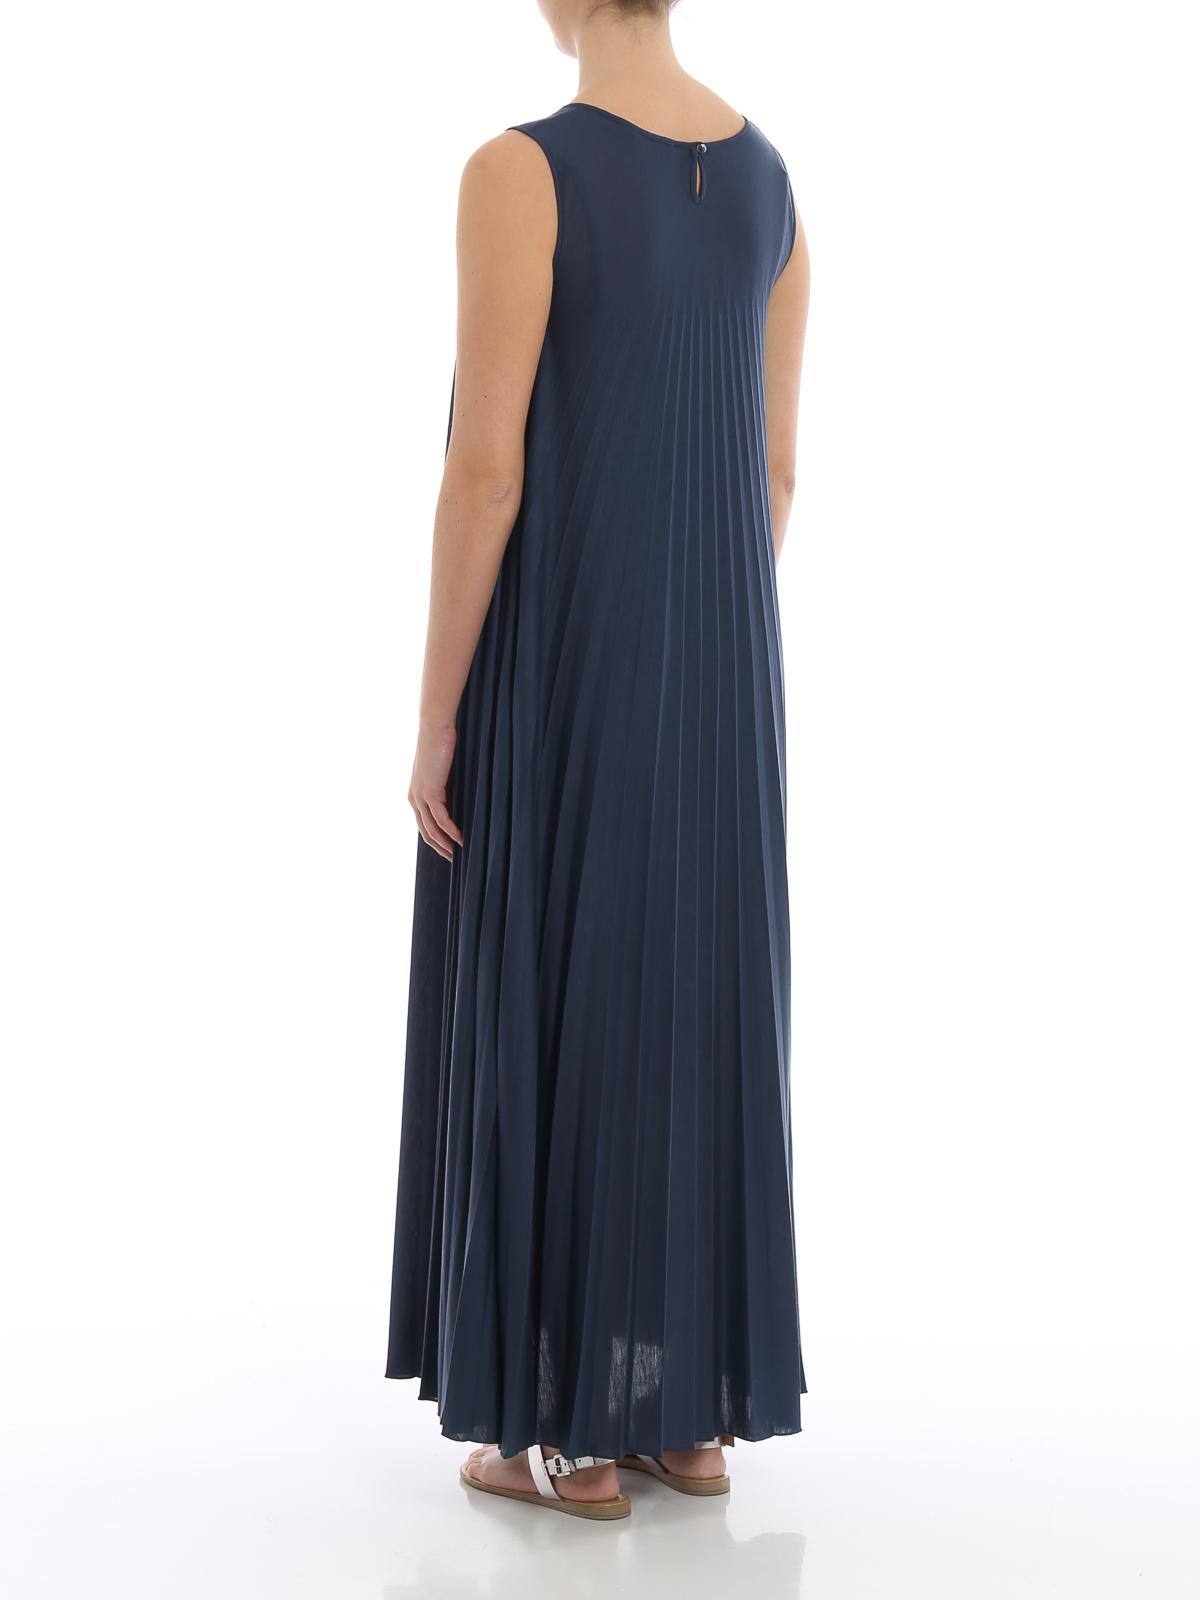 44a4d0de754c89 Weekend Max Mara - Oggetti blue jersey maxi dress - maxi dresses ...